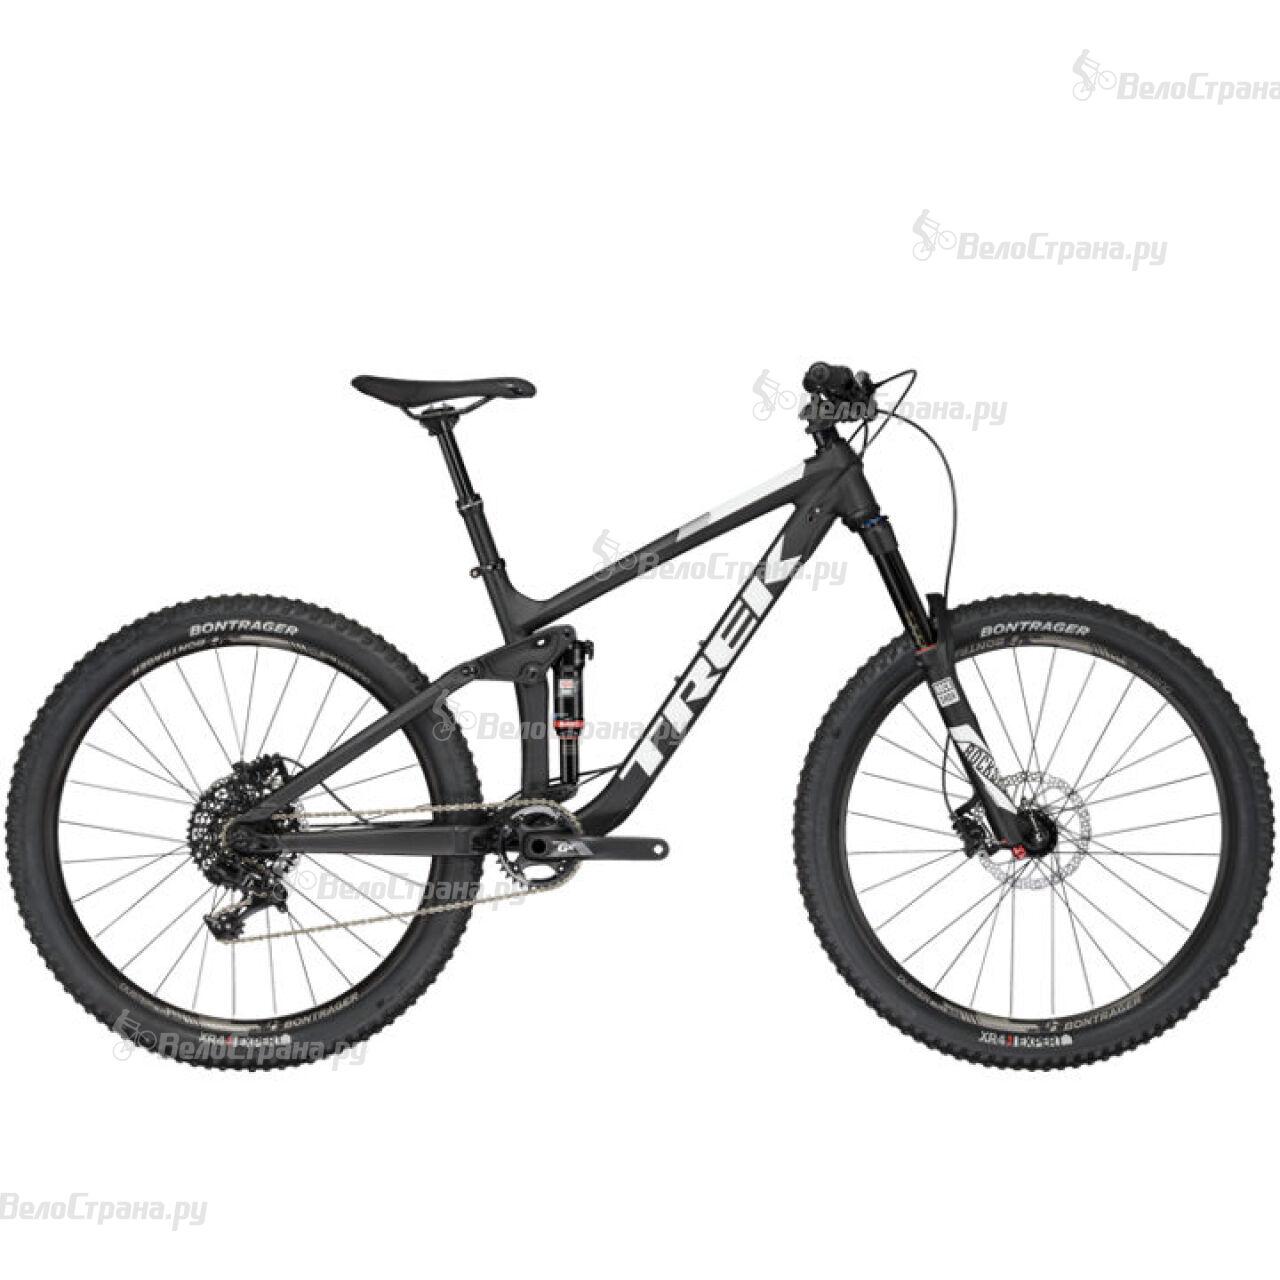 купить Велосипед Trek Remedy 8 27.5 (2017) недорого